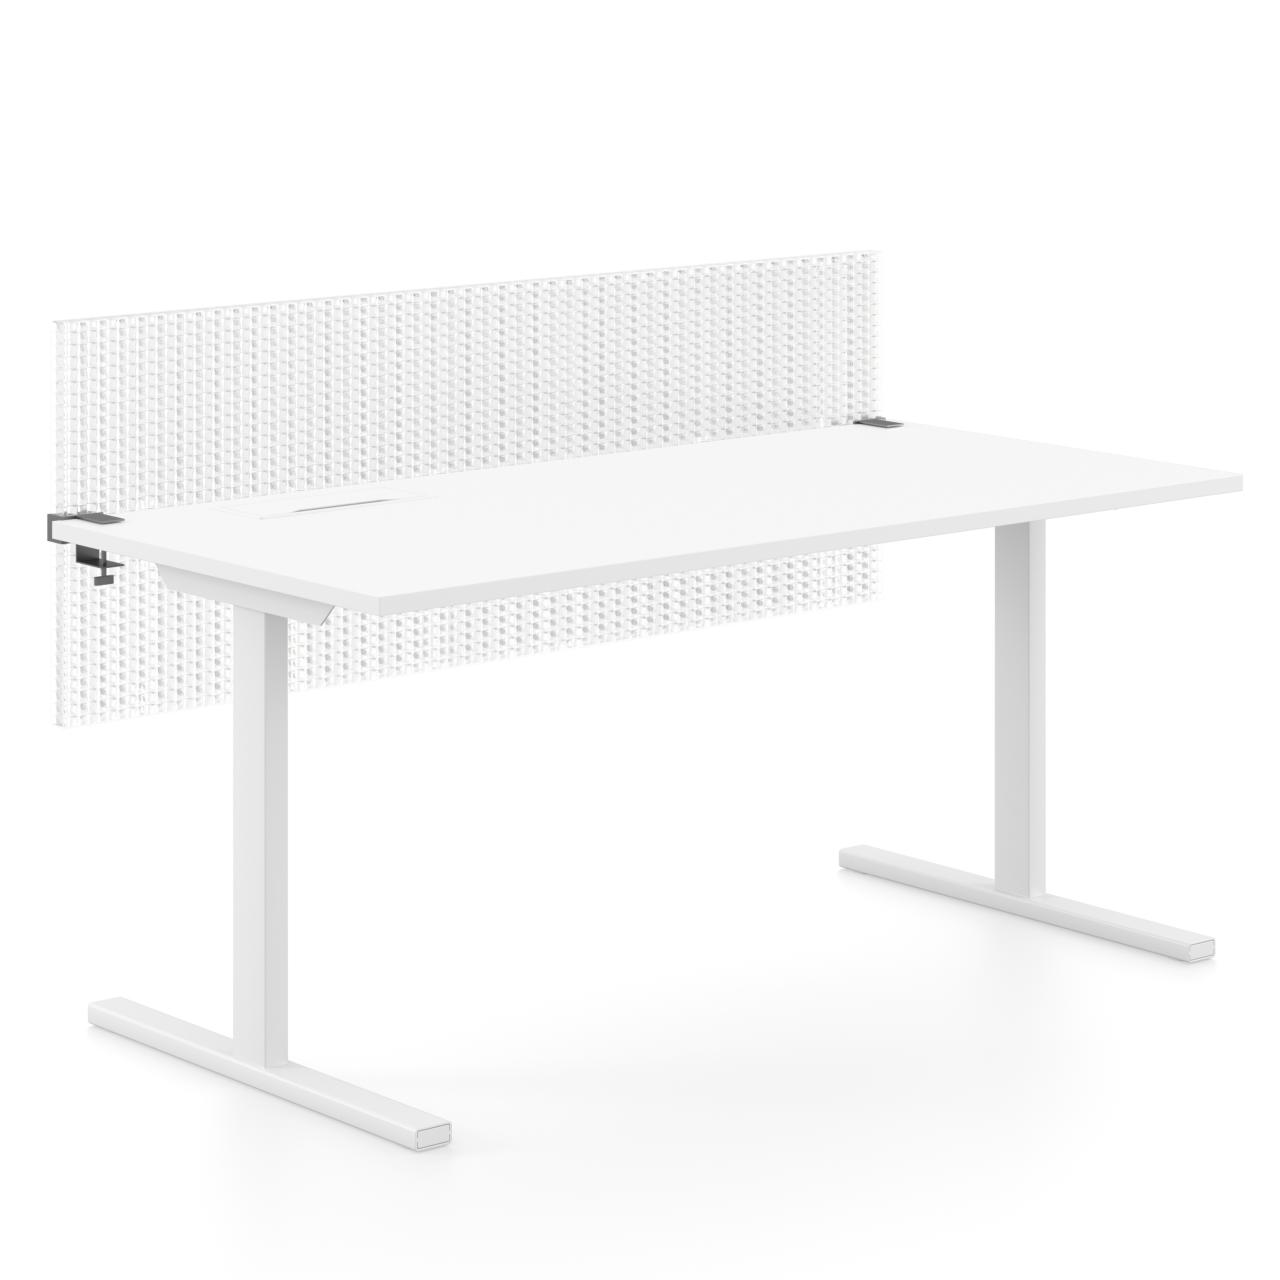 Die wabenförmige, extra leichte Tischtrennwand Light ist ein lichtdurchlässiges Designelement für jedes Büro. Sie lässt sich höhenverstellbar am Tisch befestigen und dämmt effizient Arbeitsgeräusche.